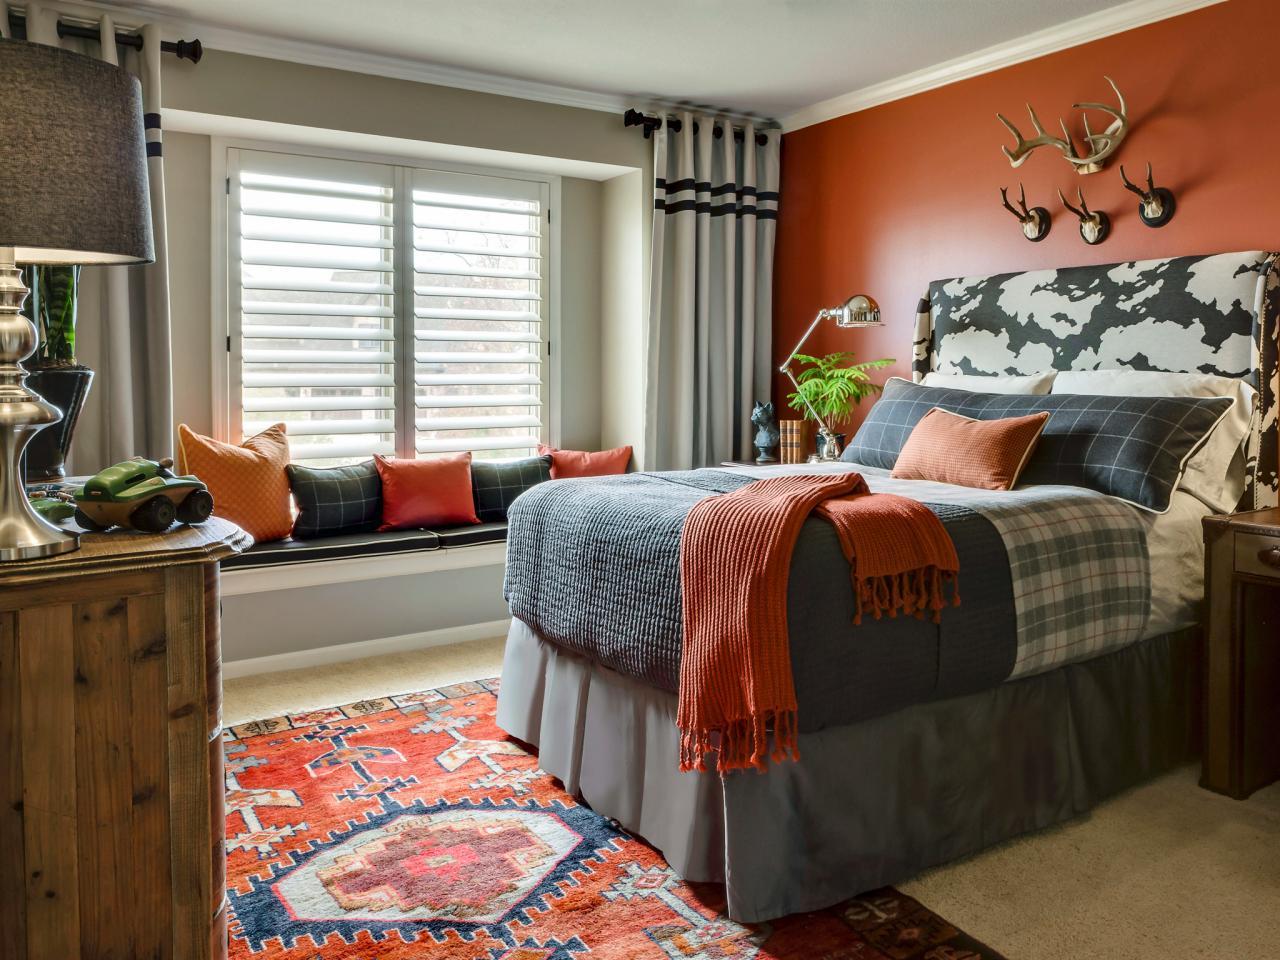 original_Laura-McCroskey-tween-boy-sophisticated-grey-russet-bedroom.jpg.rend.hgtvcom.1280.960